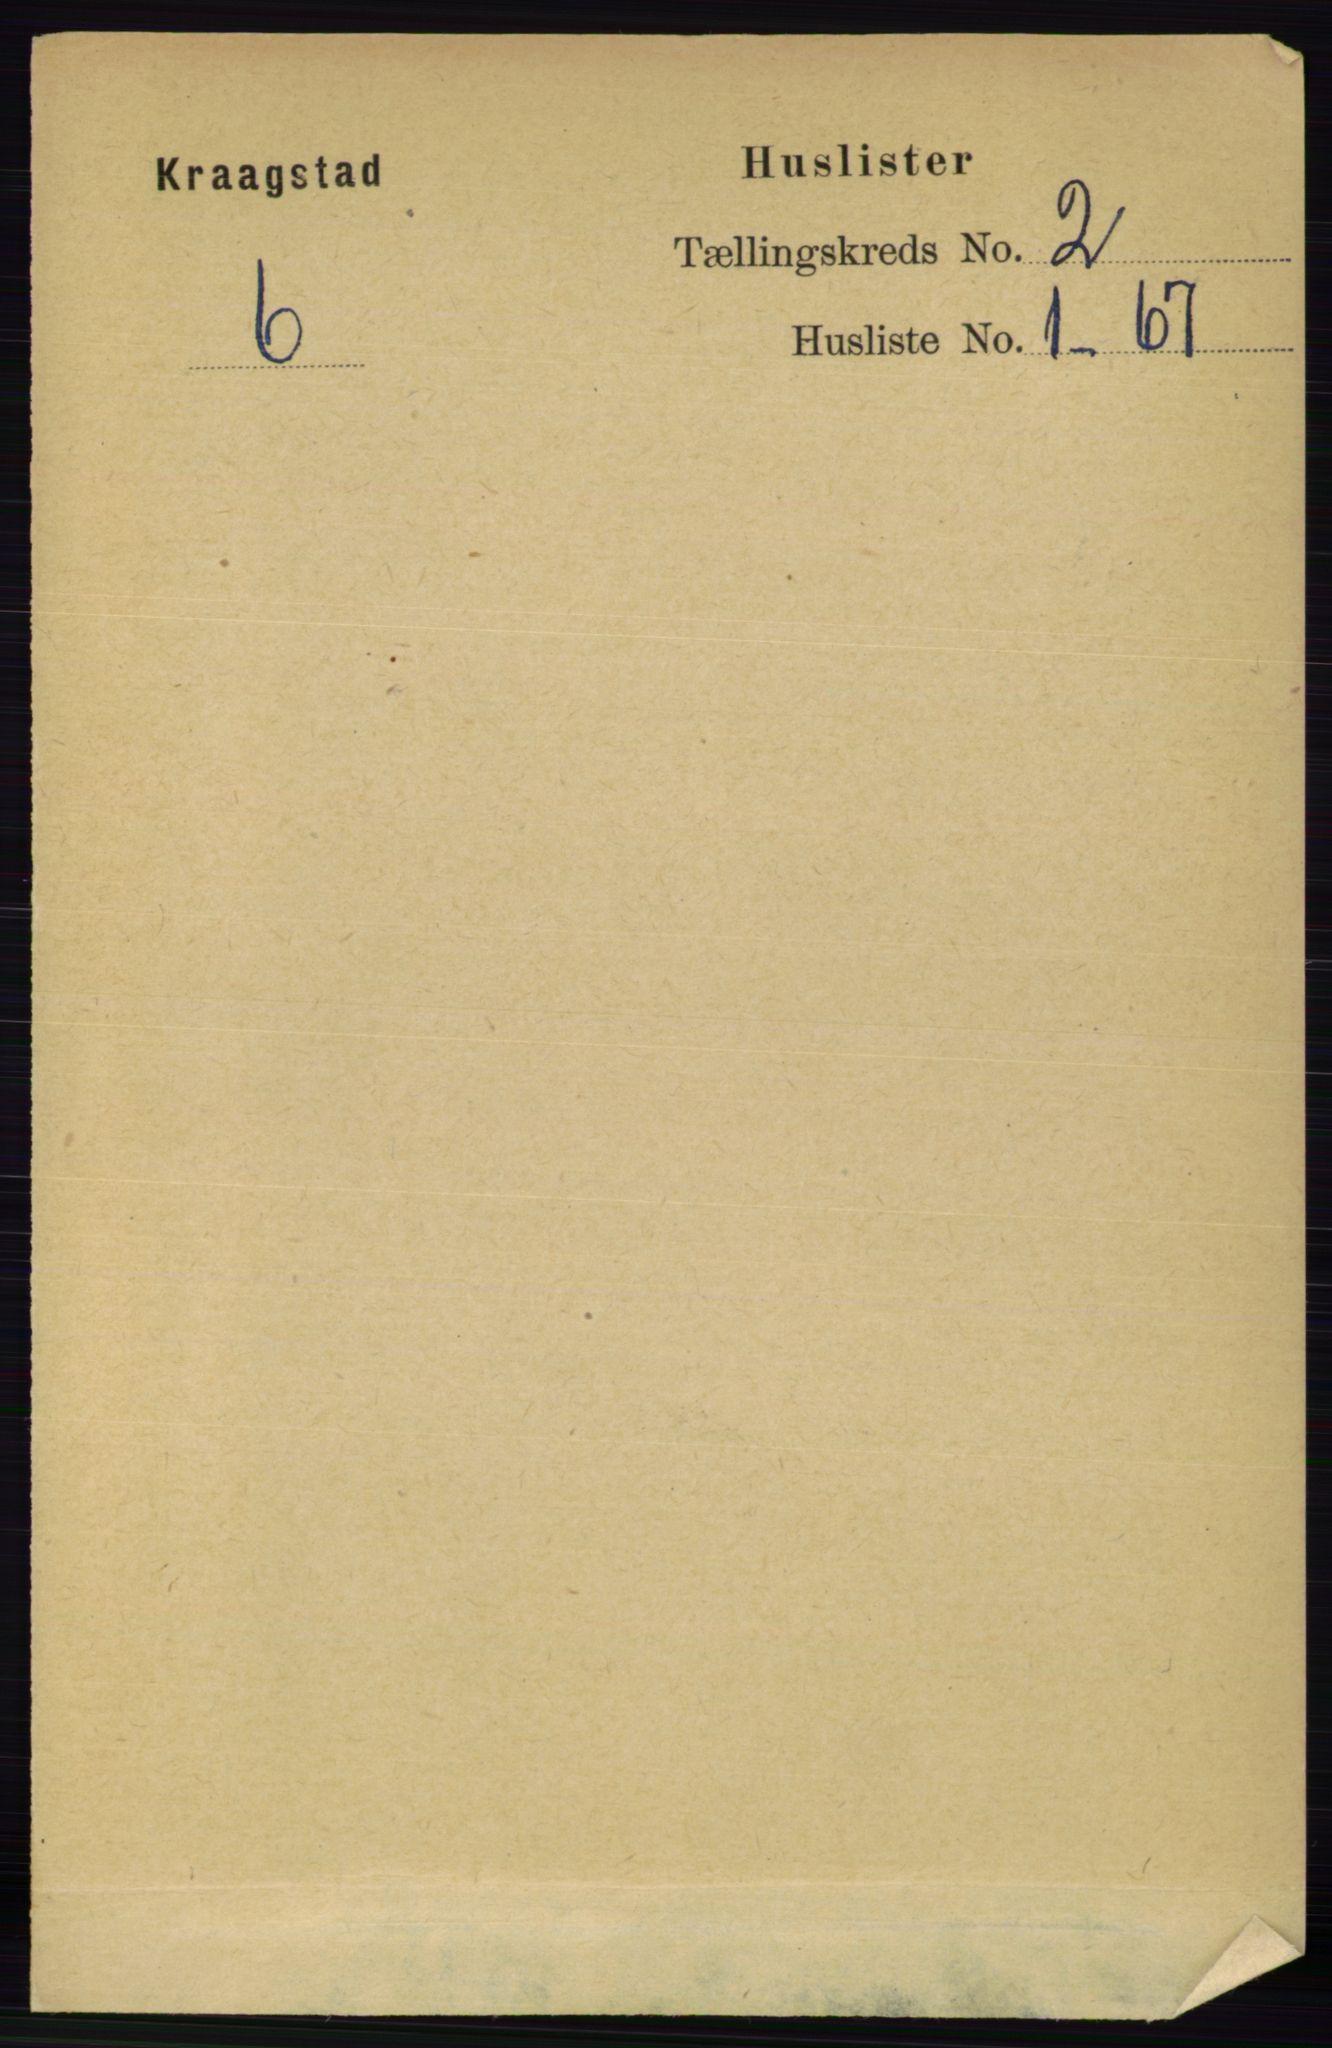 RA, Folketelling 1891 for 0212 Kråkstad herred, 1891, s. 674